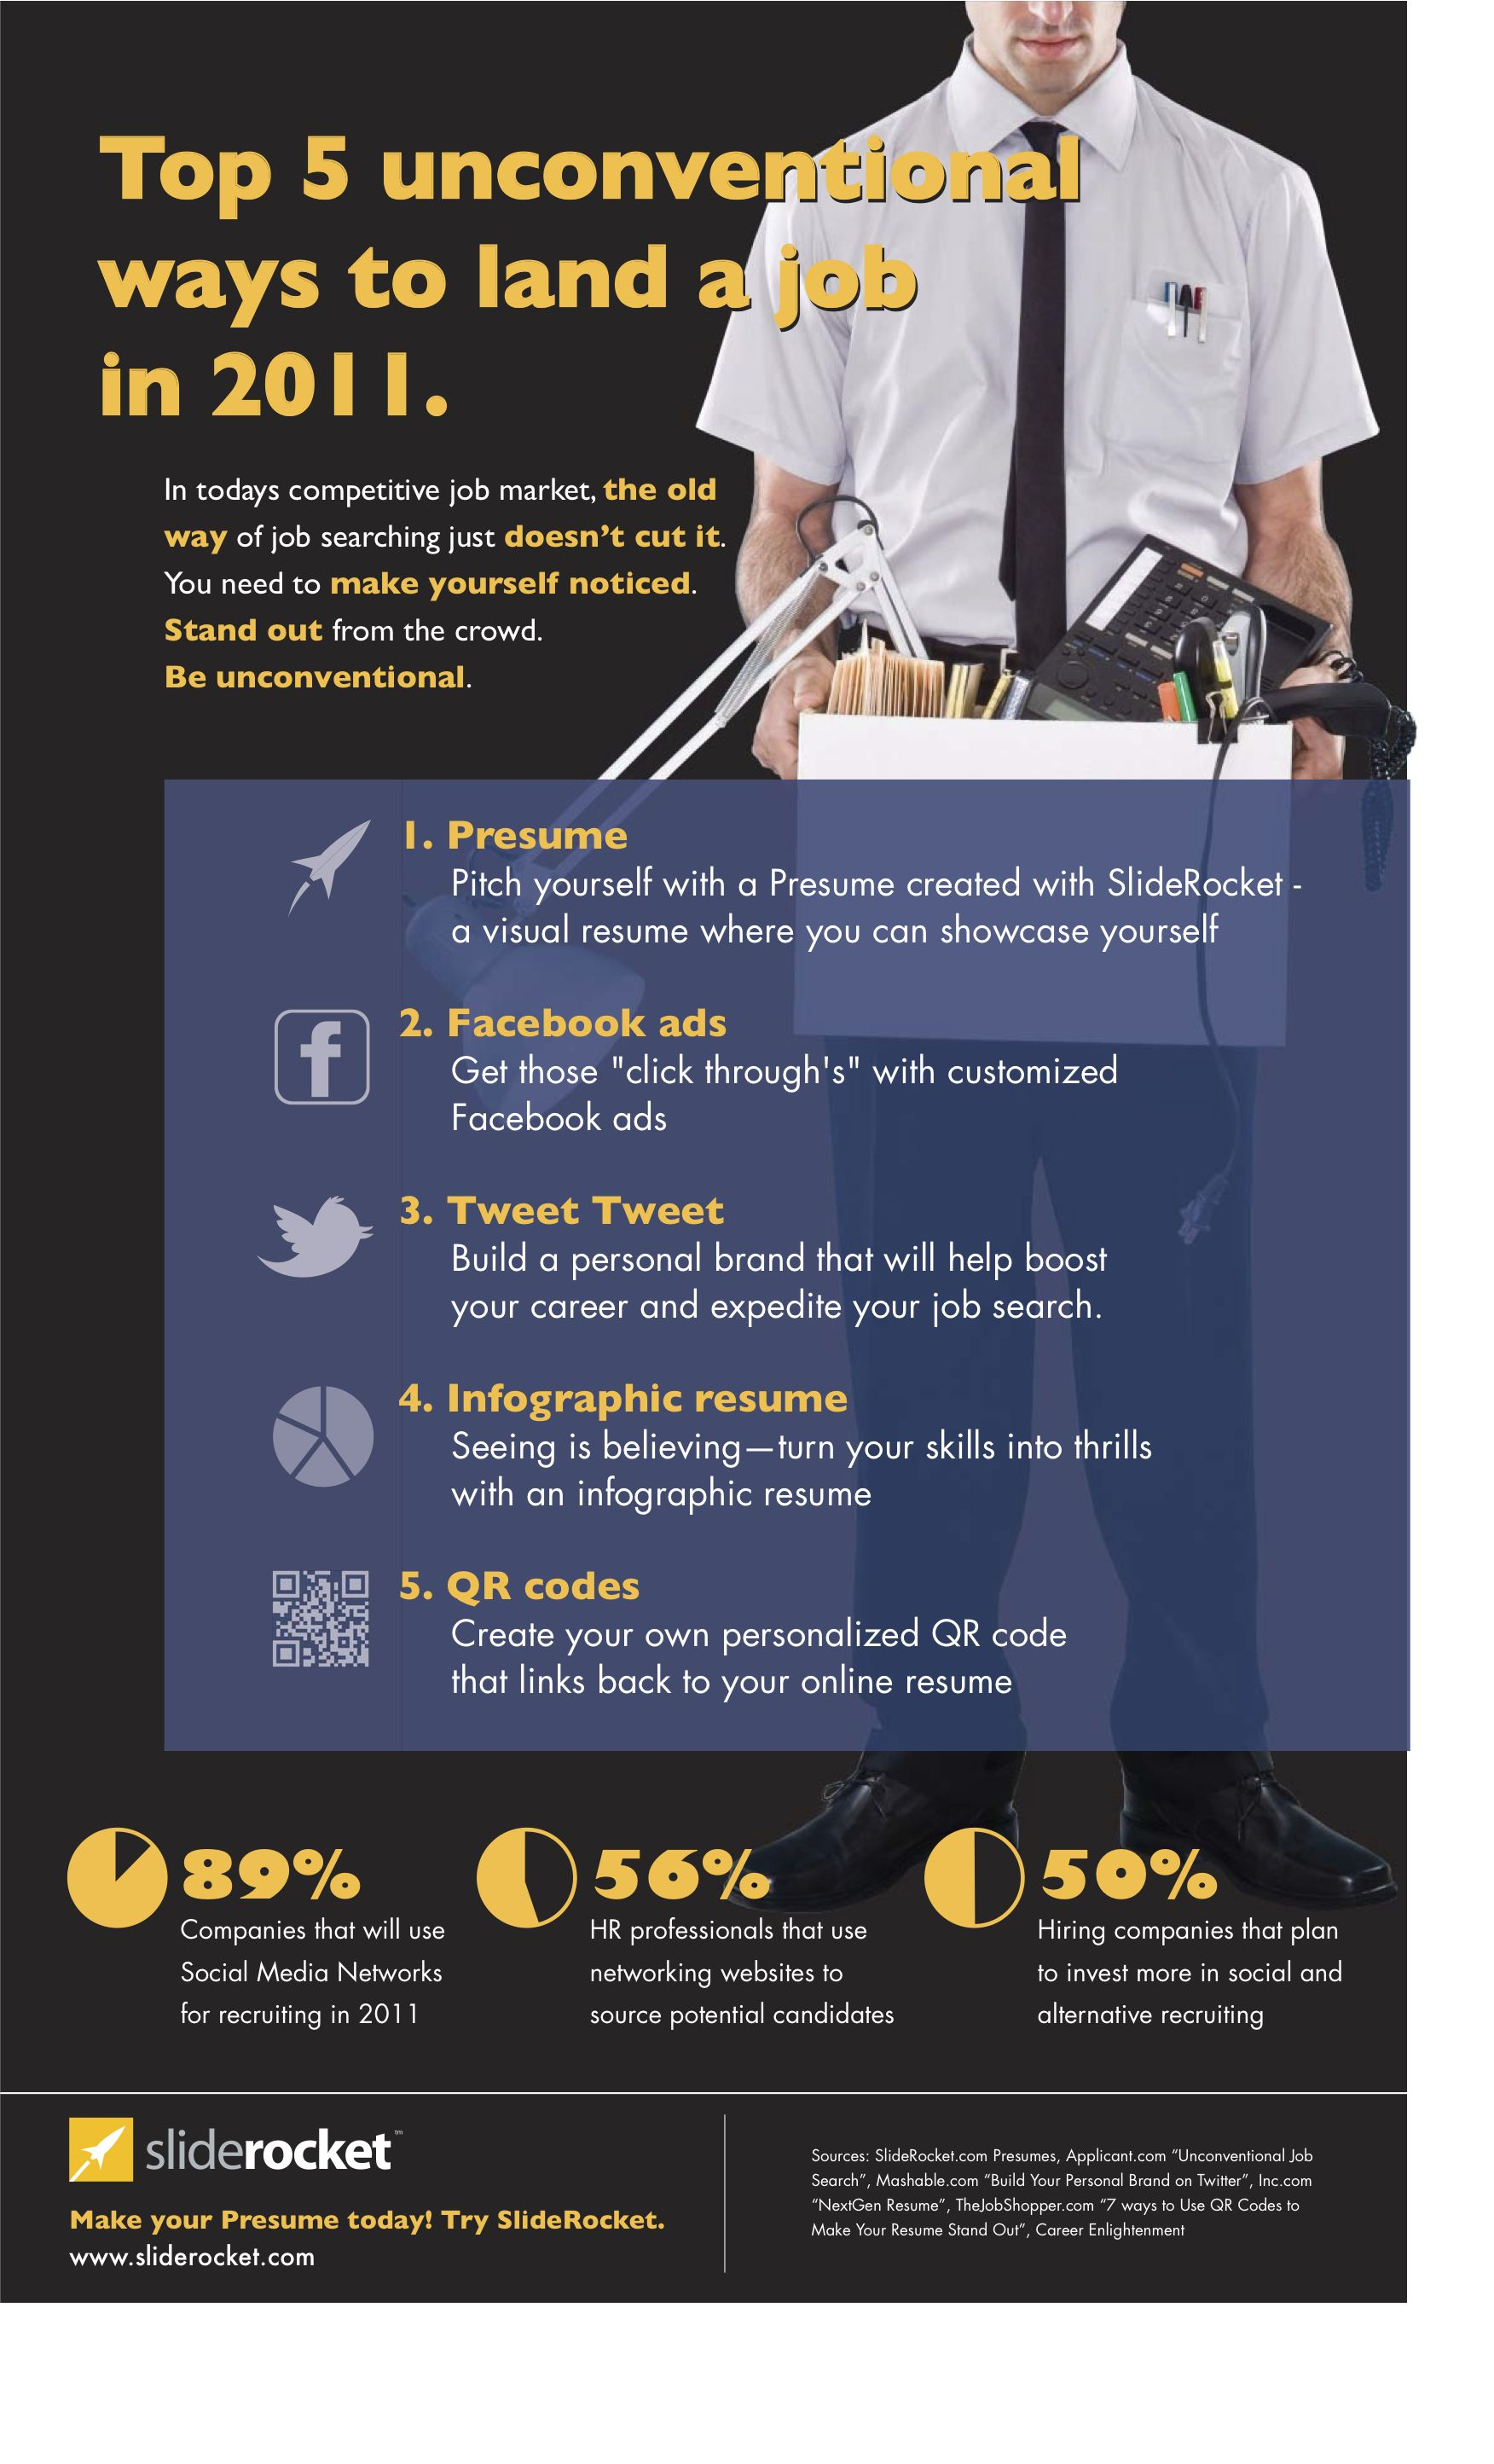 Aol News Politics Sports Latest Headlines Marketing Jobs Job Hunting Social Media Job Search